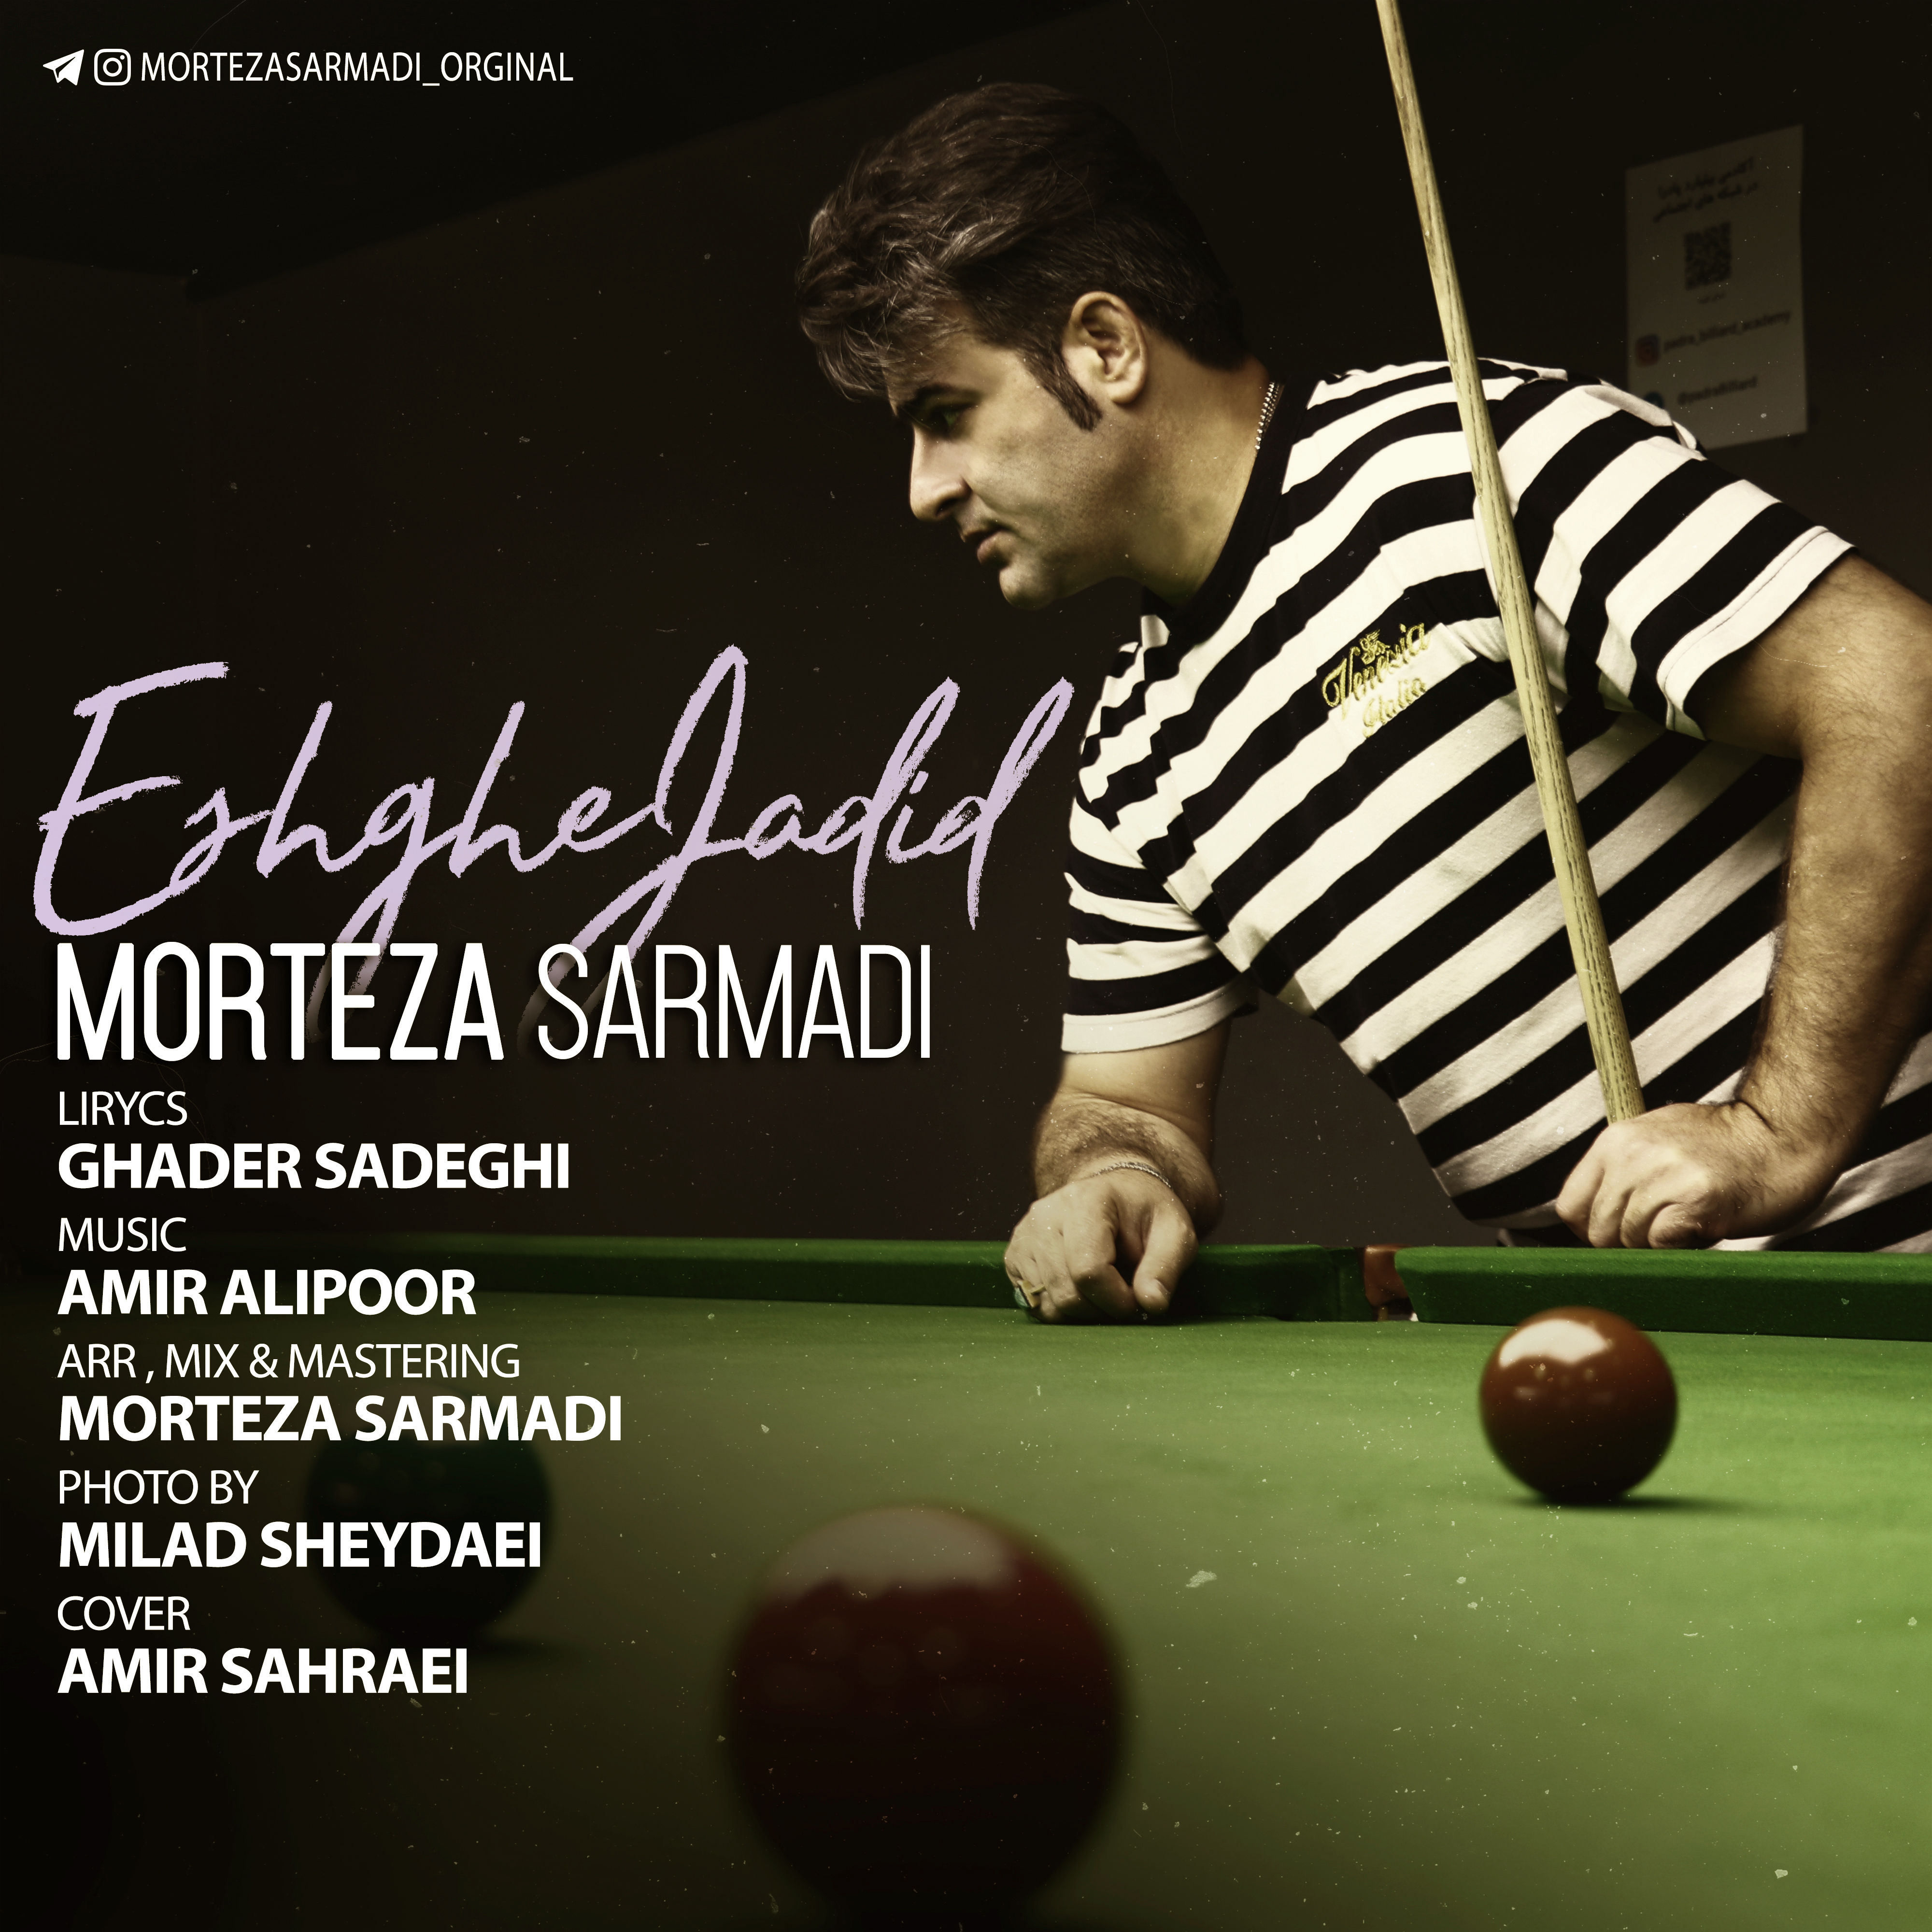 Morteza Sarmadi – Eshghe Jadid